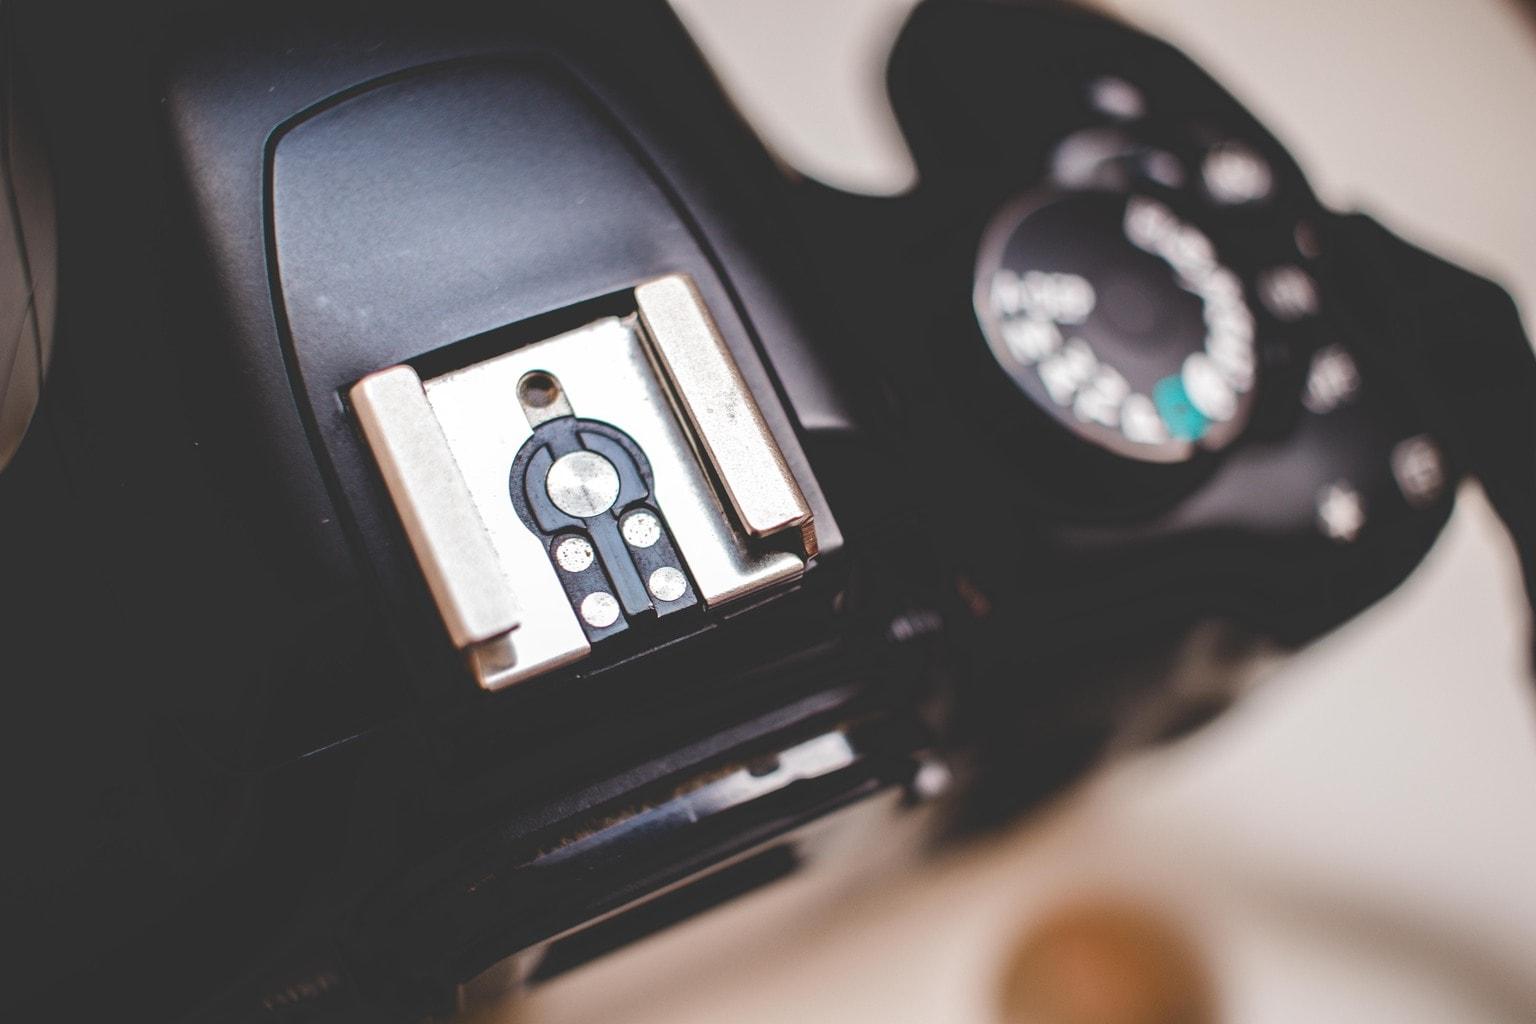 Zapata de flash de cámara réflex